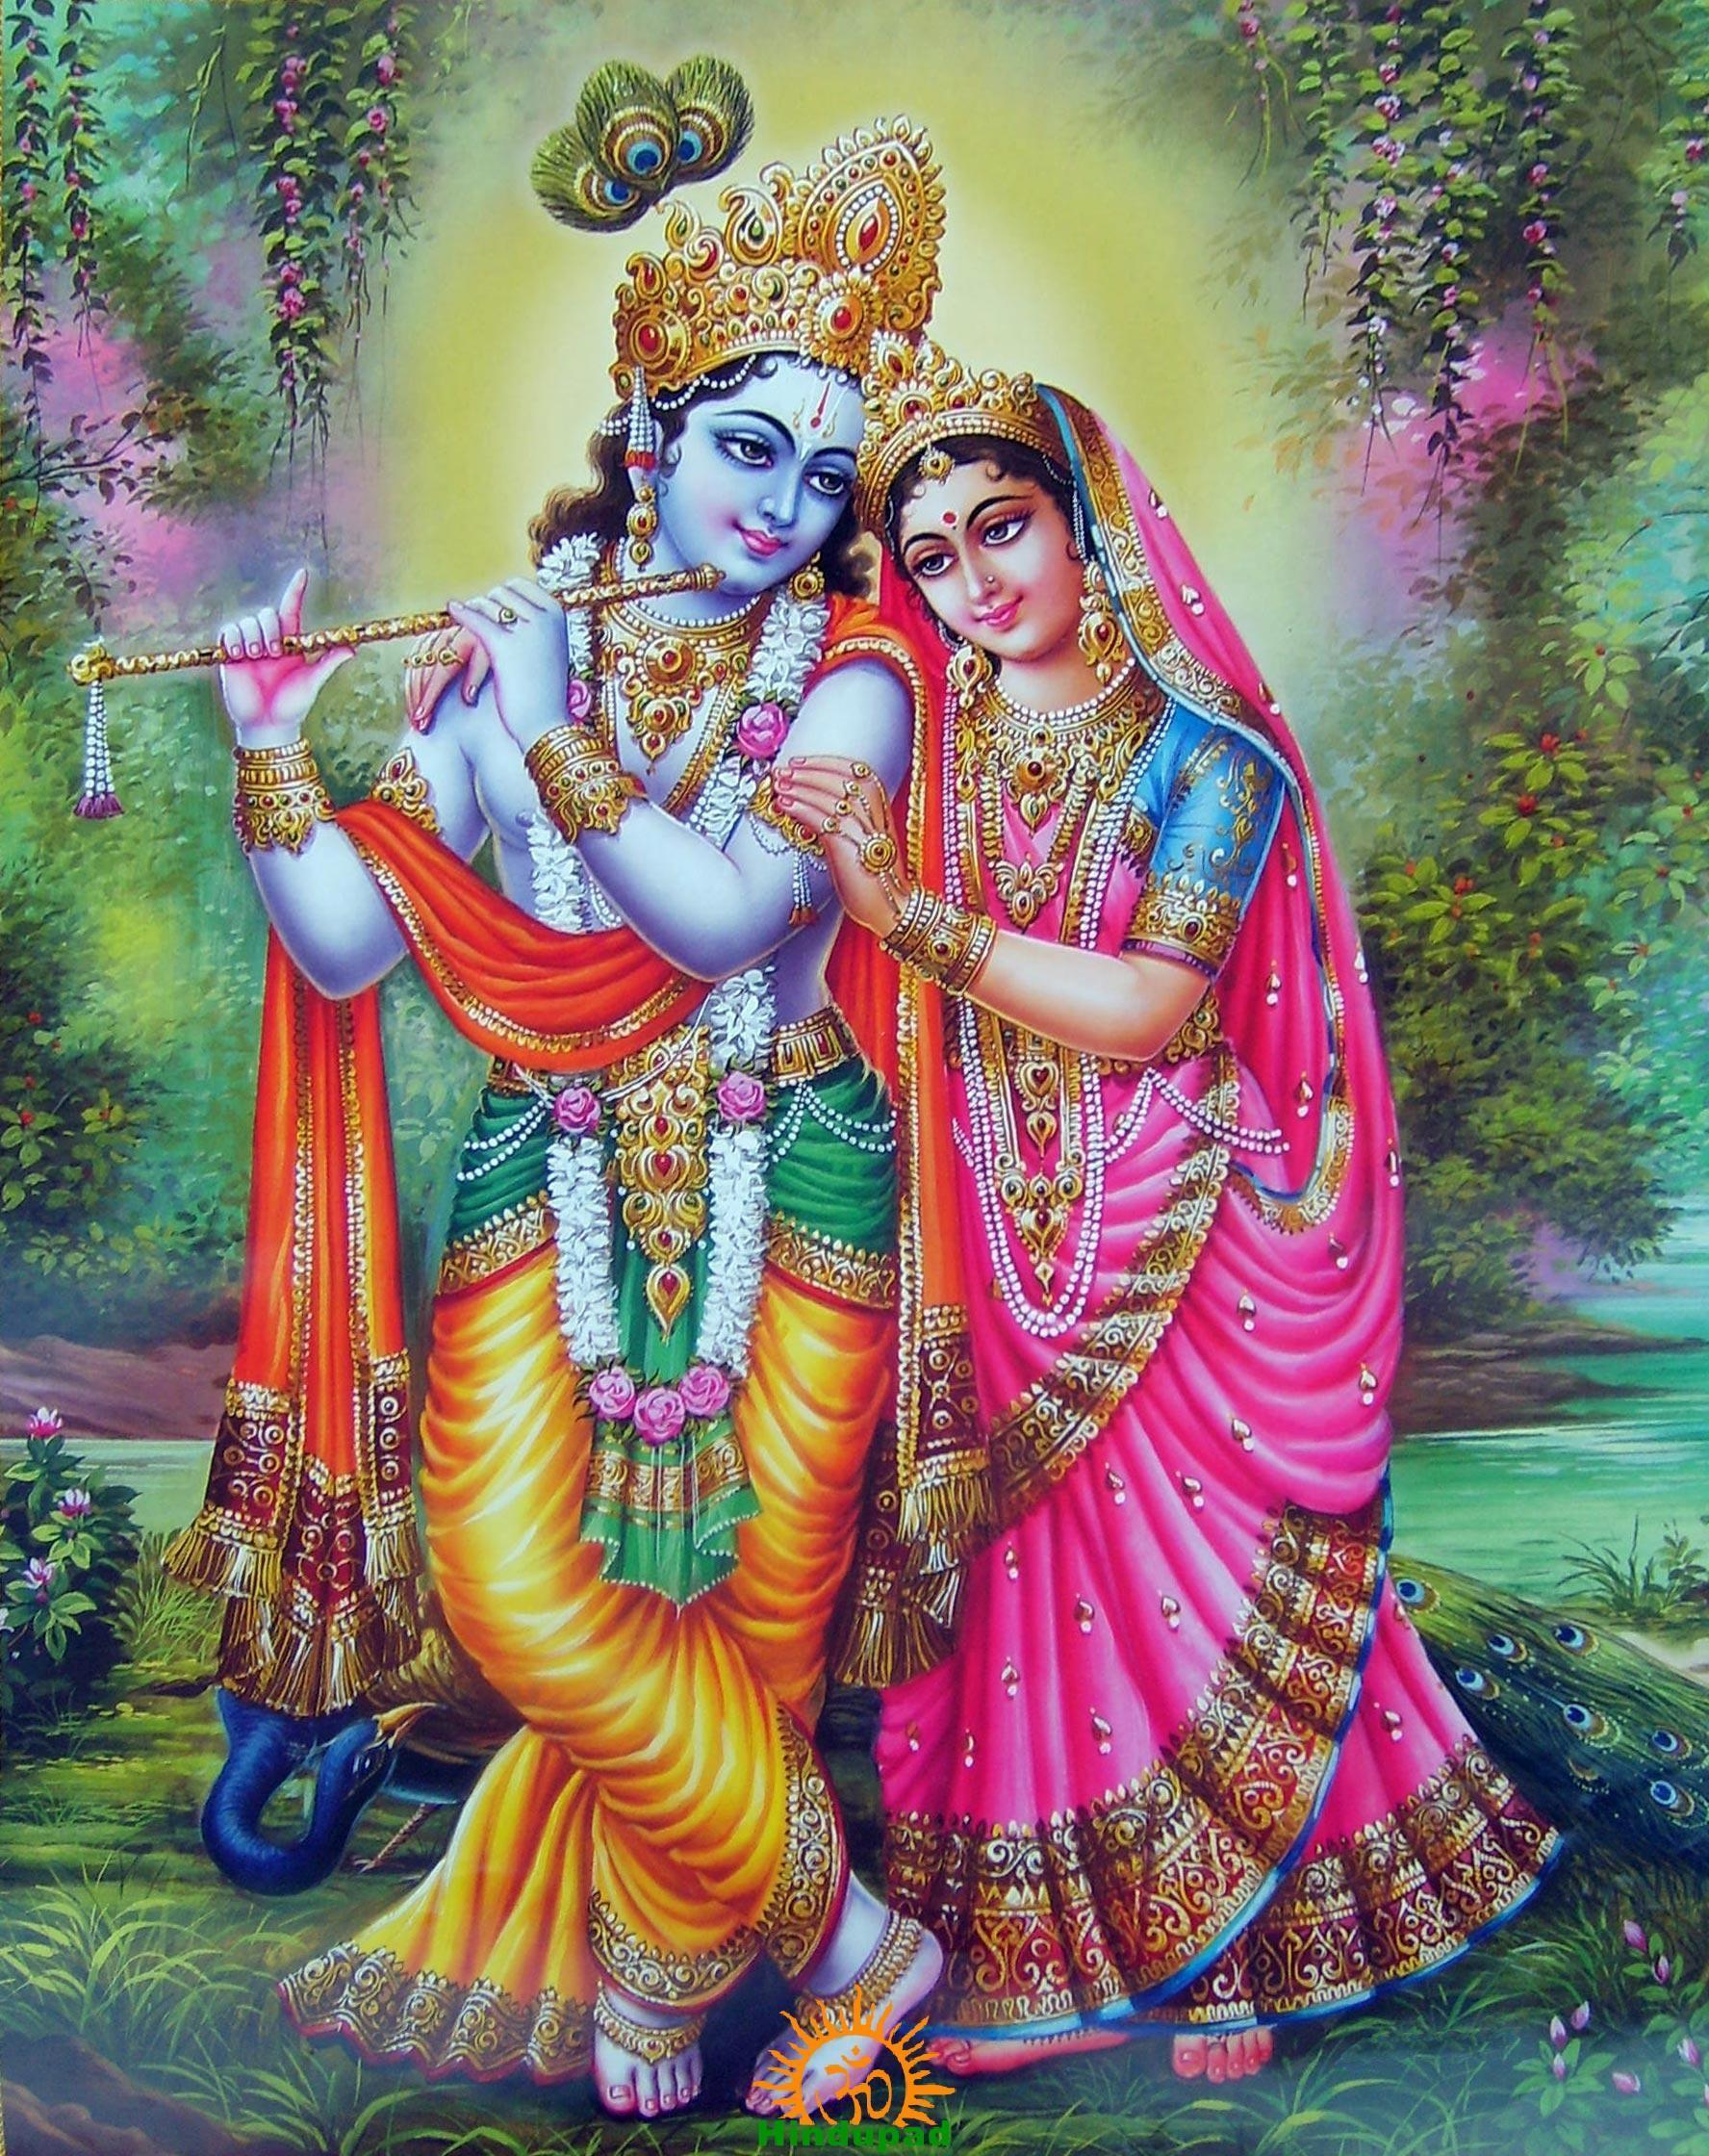 Radha Krishna Wallpapers Hd 3d Full Size Wallpaper Cave